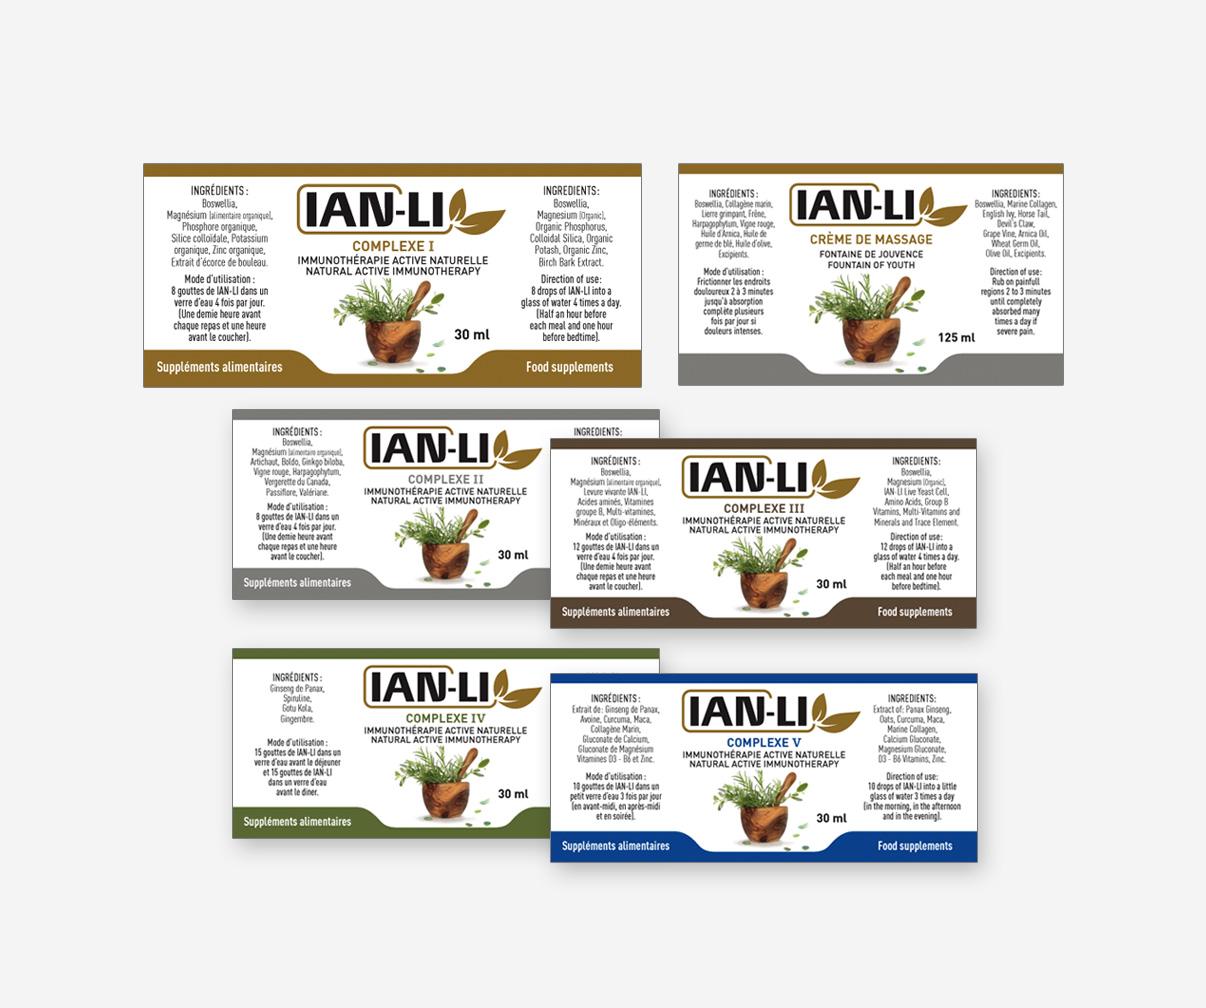 Produits naturels Ian-Li - Étiquettes de produits